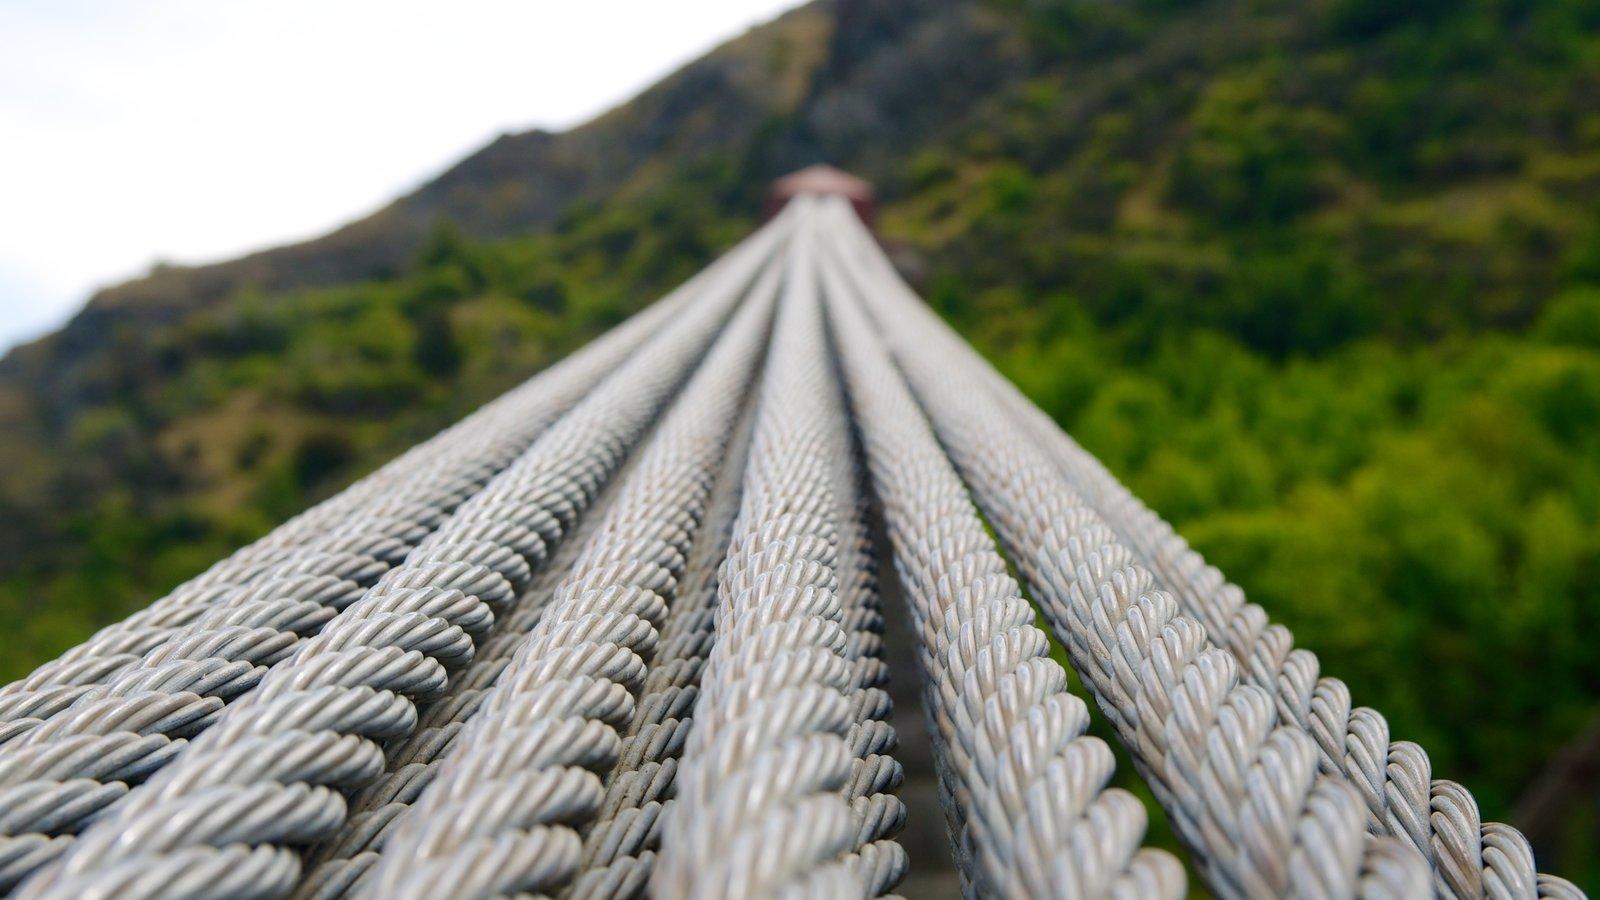 Kawarau Suspension Bridge featuring a suspension bridge or treetop walkway